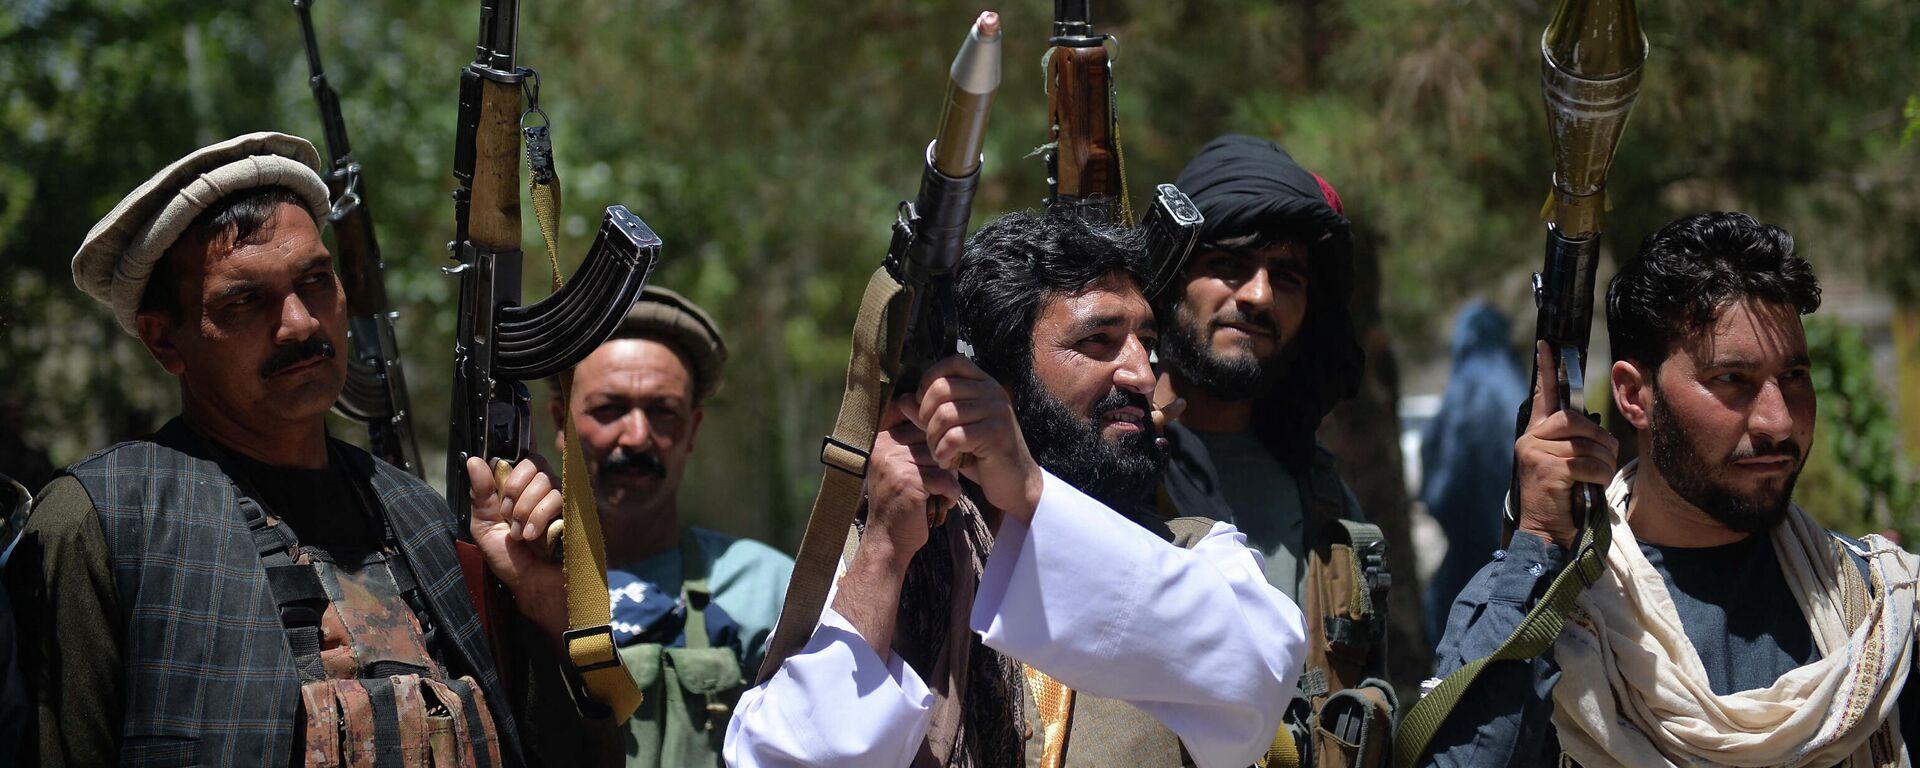 Афганские ополченцы присоединяются к силам обороны Афганистана в Кабуле - Sputnik Таджикистан, 1920, 09.07.2021